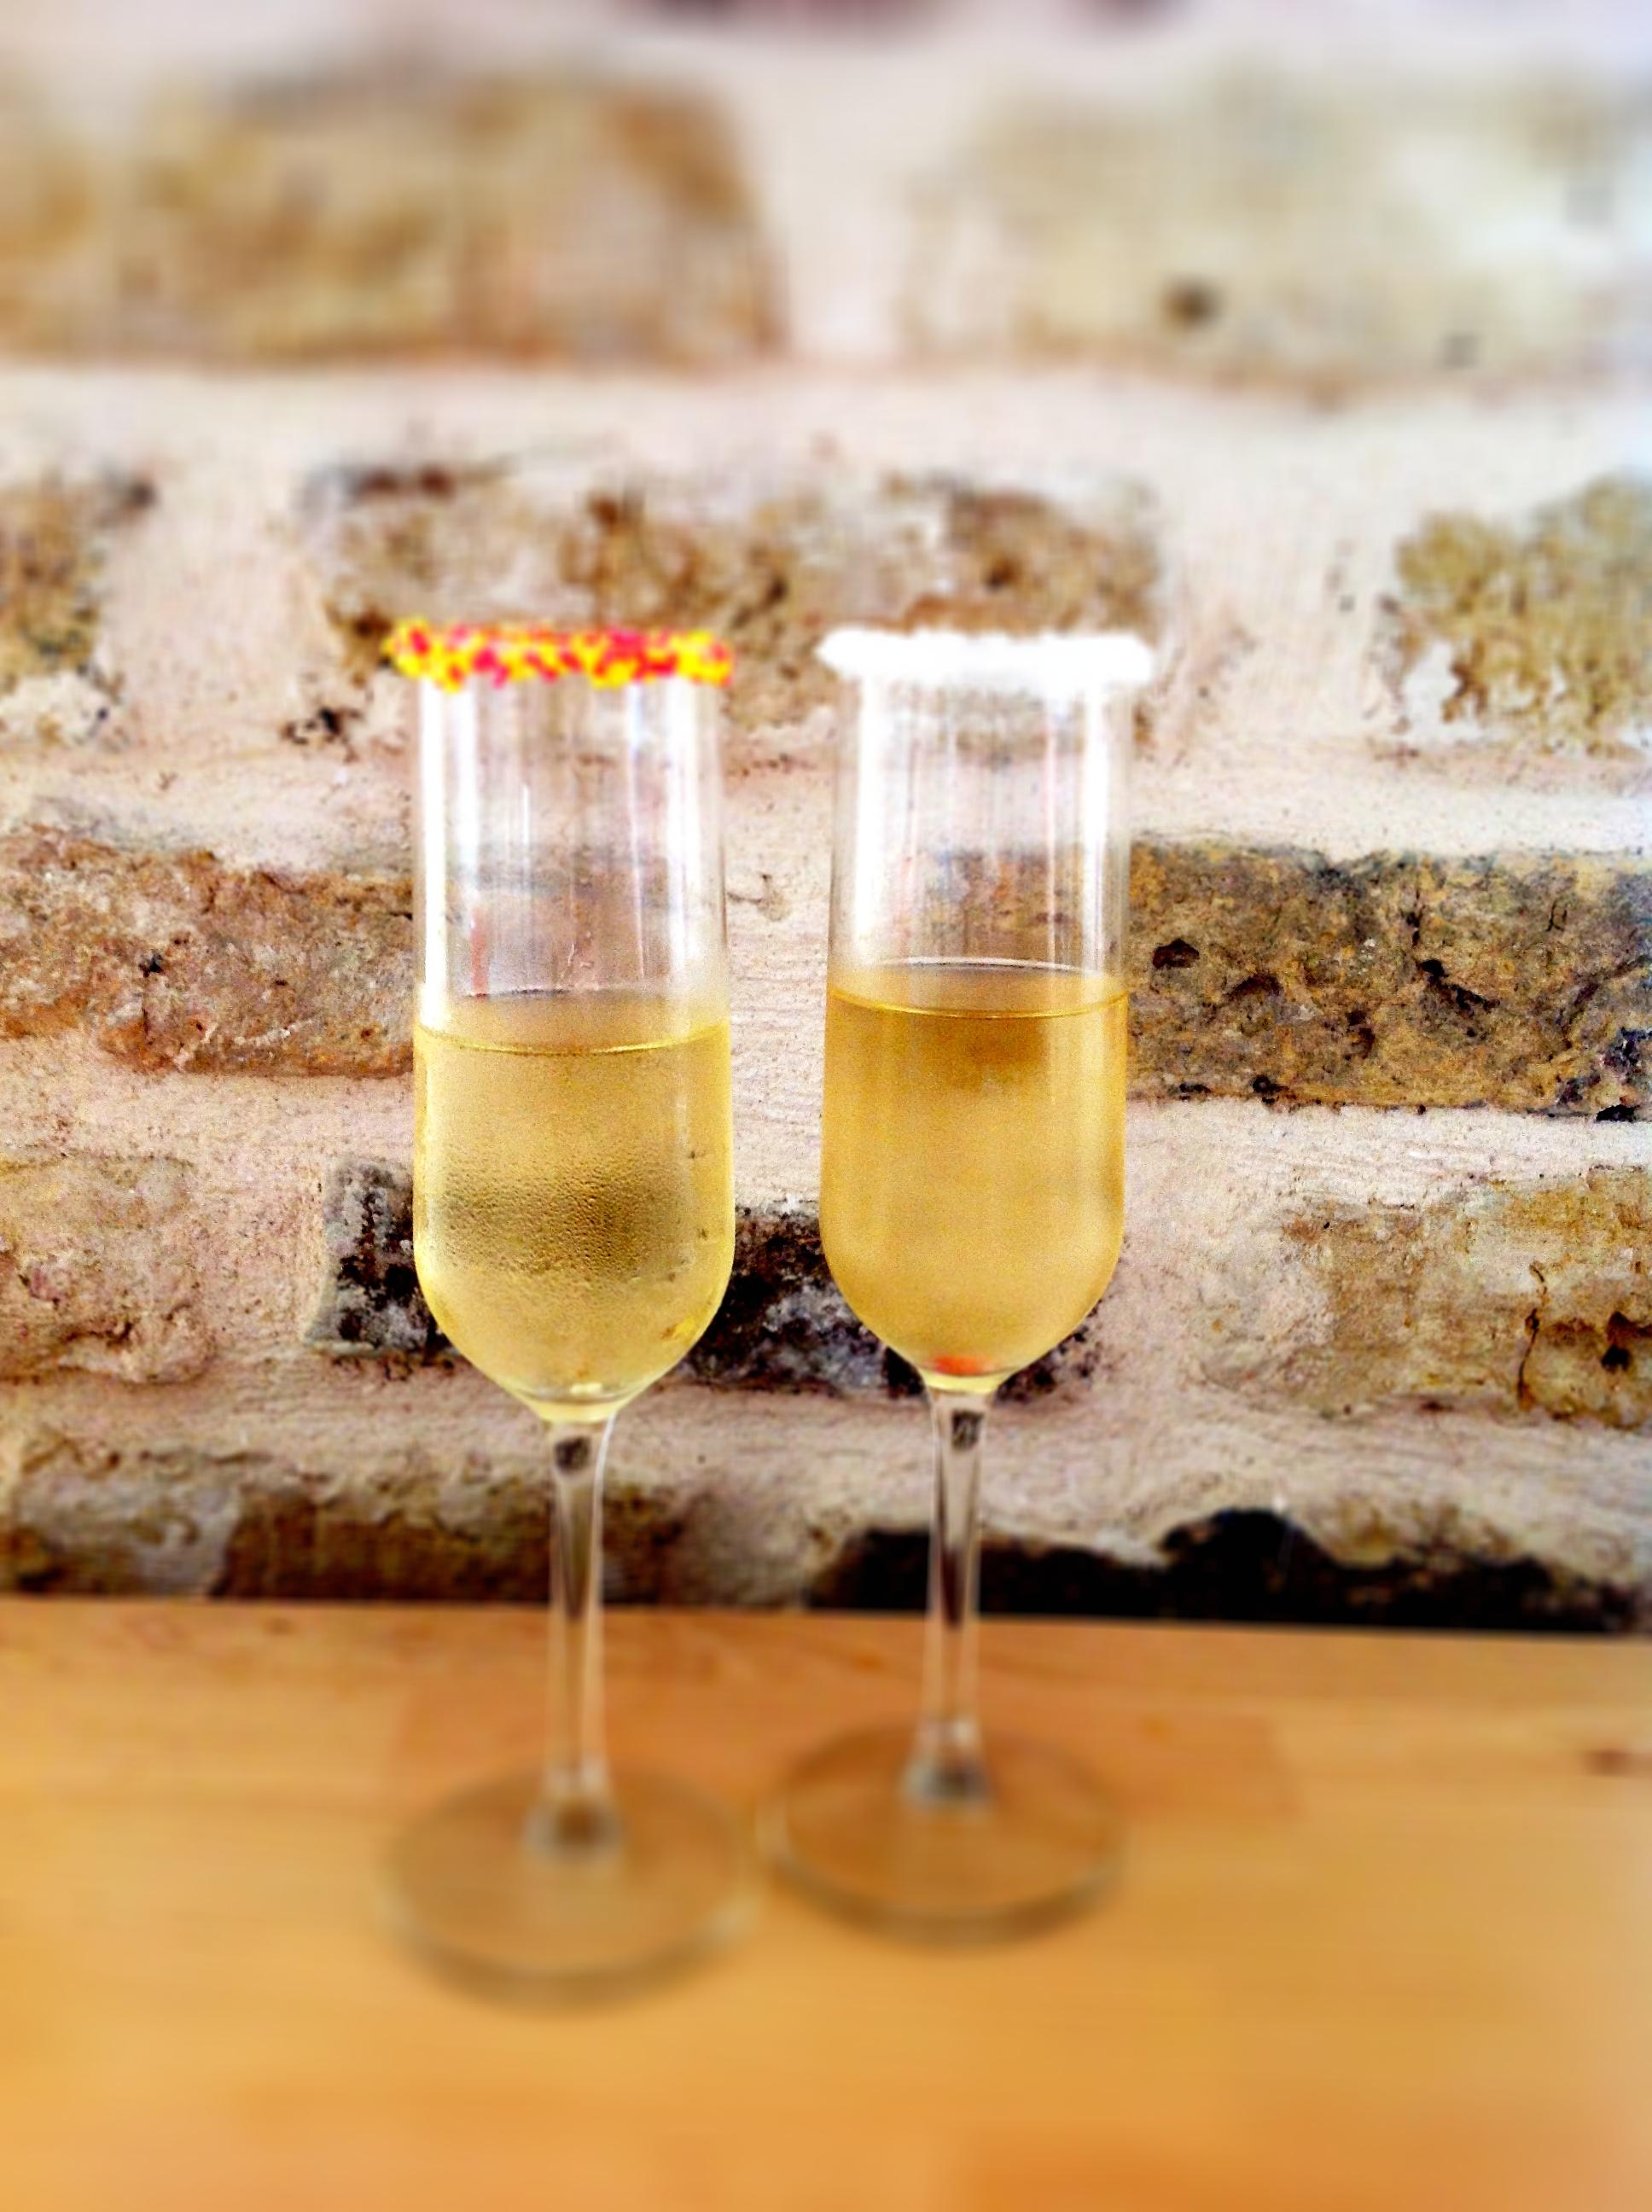 איך אפשר לשדרג כוסות שמפניה בשלוש דקות?